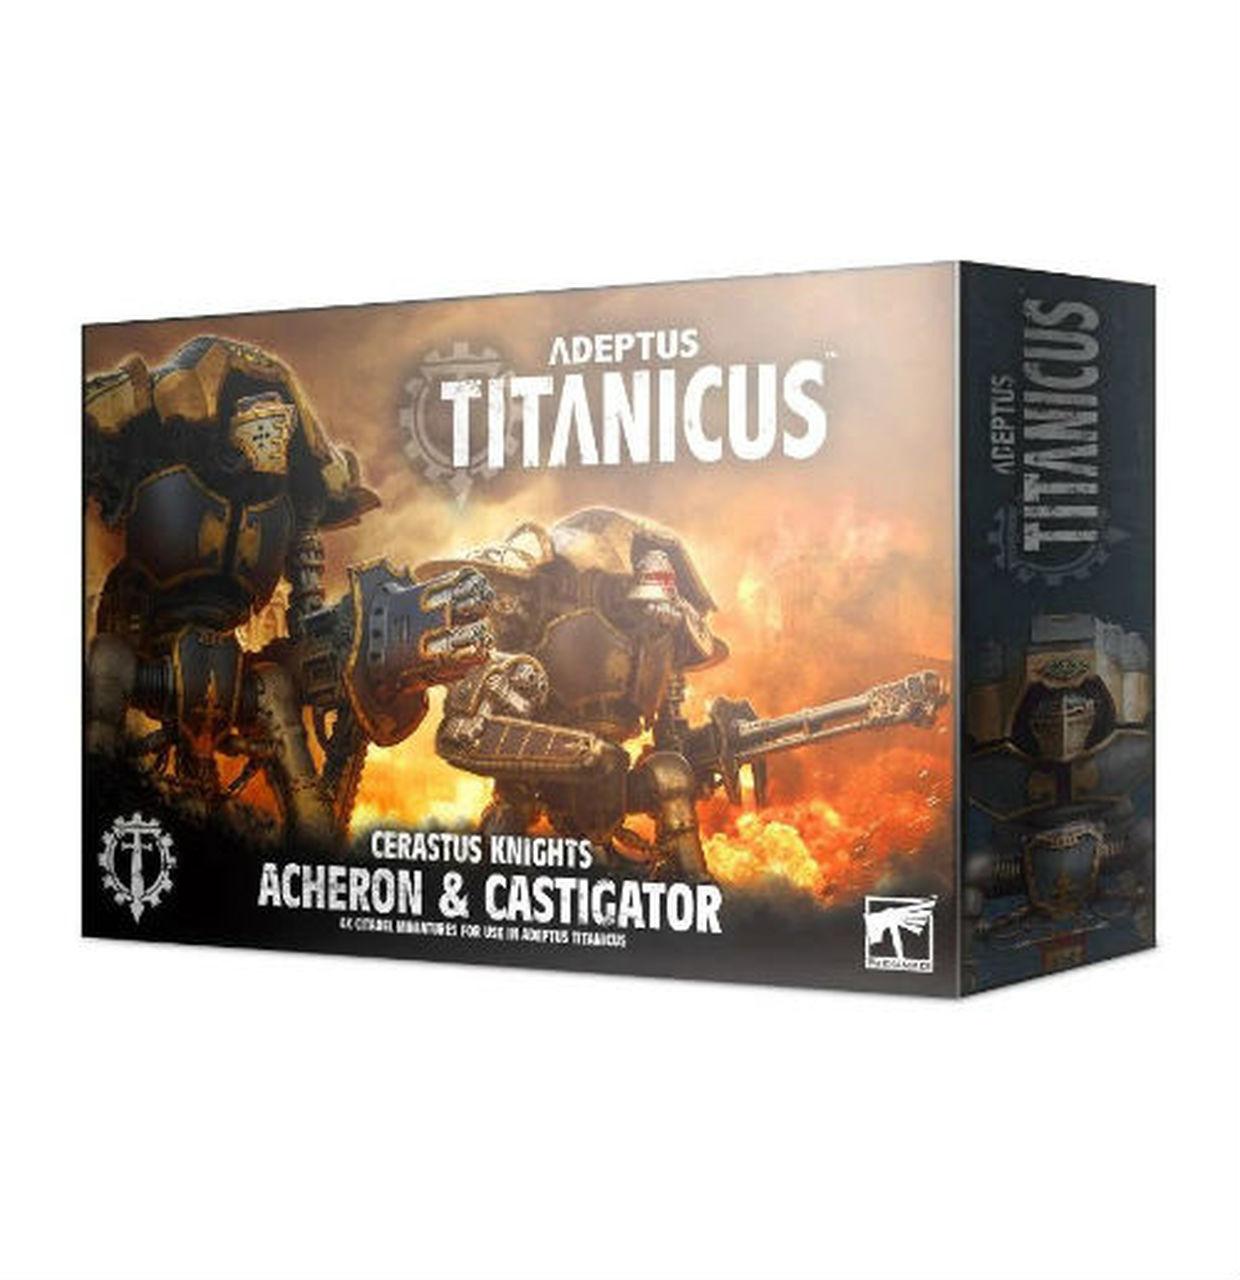 Adeptus Titanicus - Cerastus Knights - Acheron & Castigator